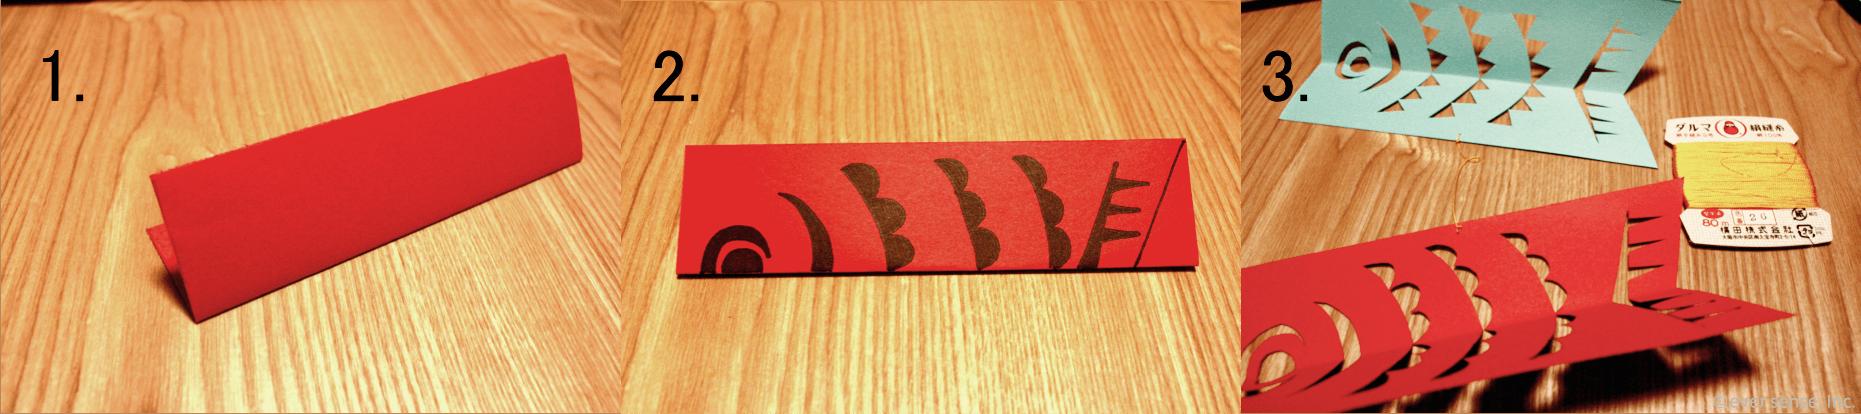 鯉のぼりのモビール 作り方